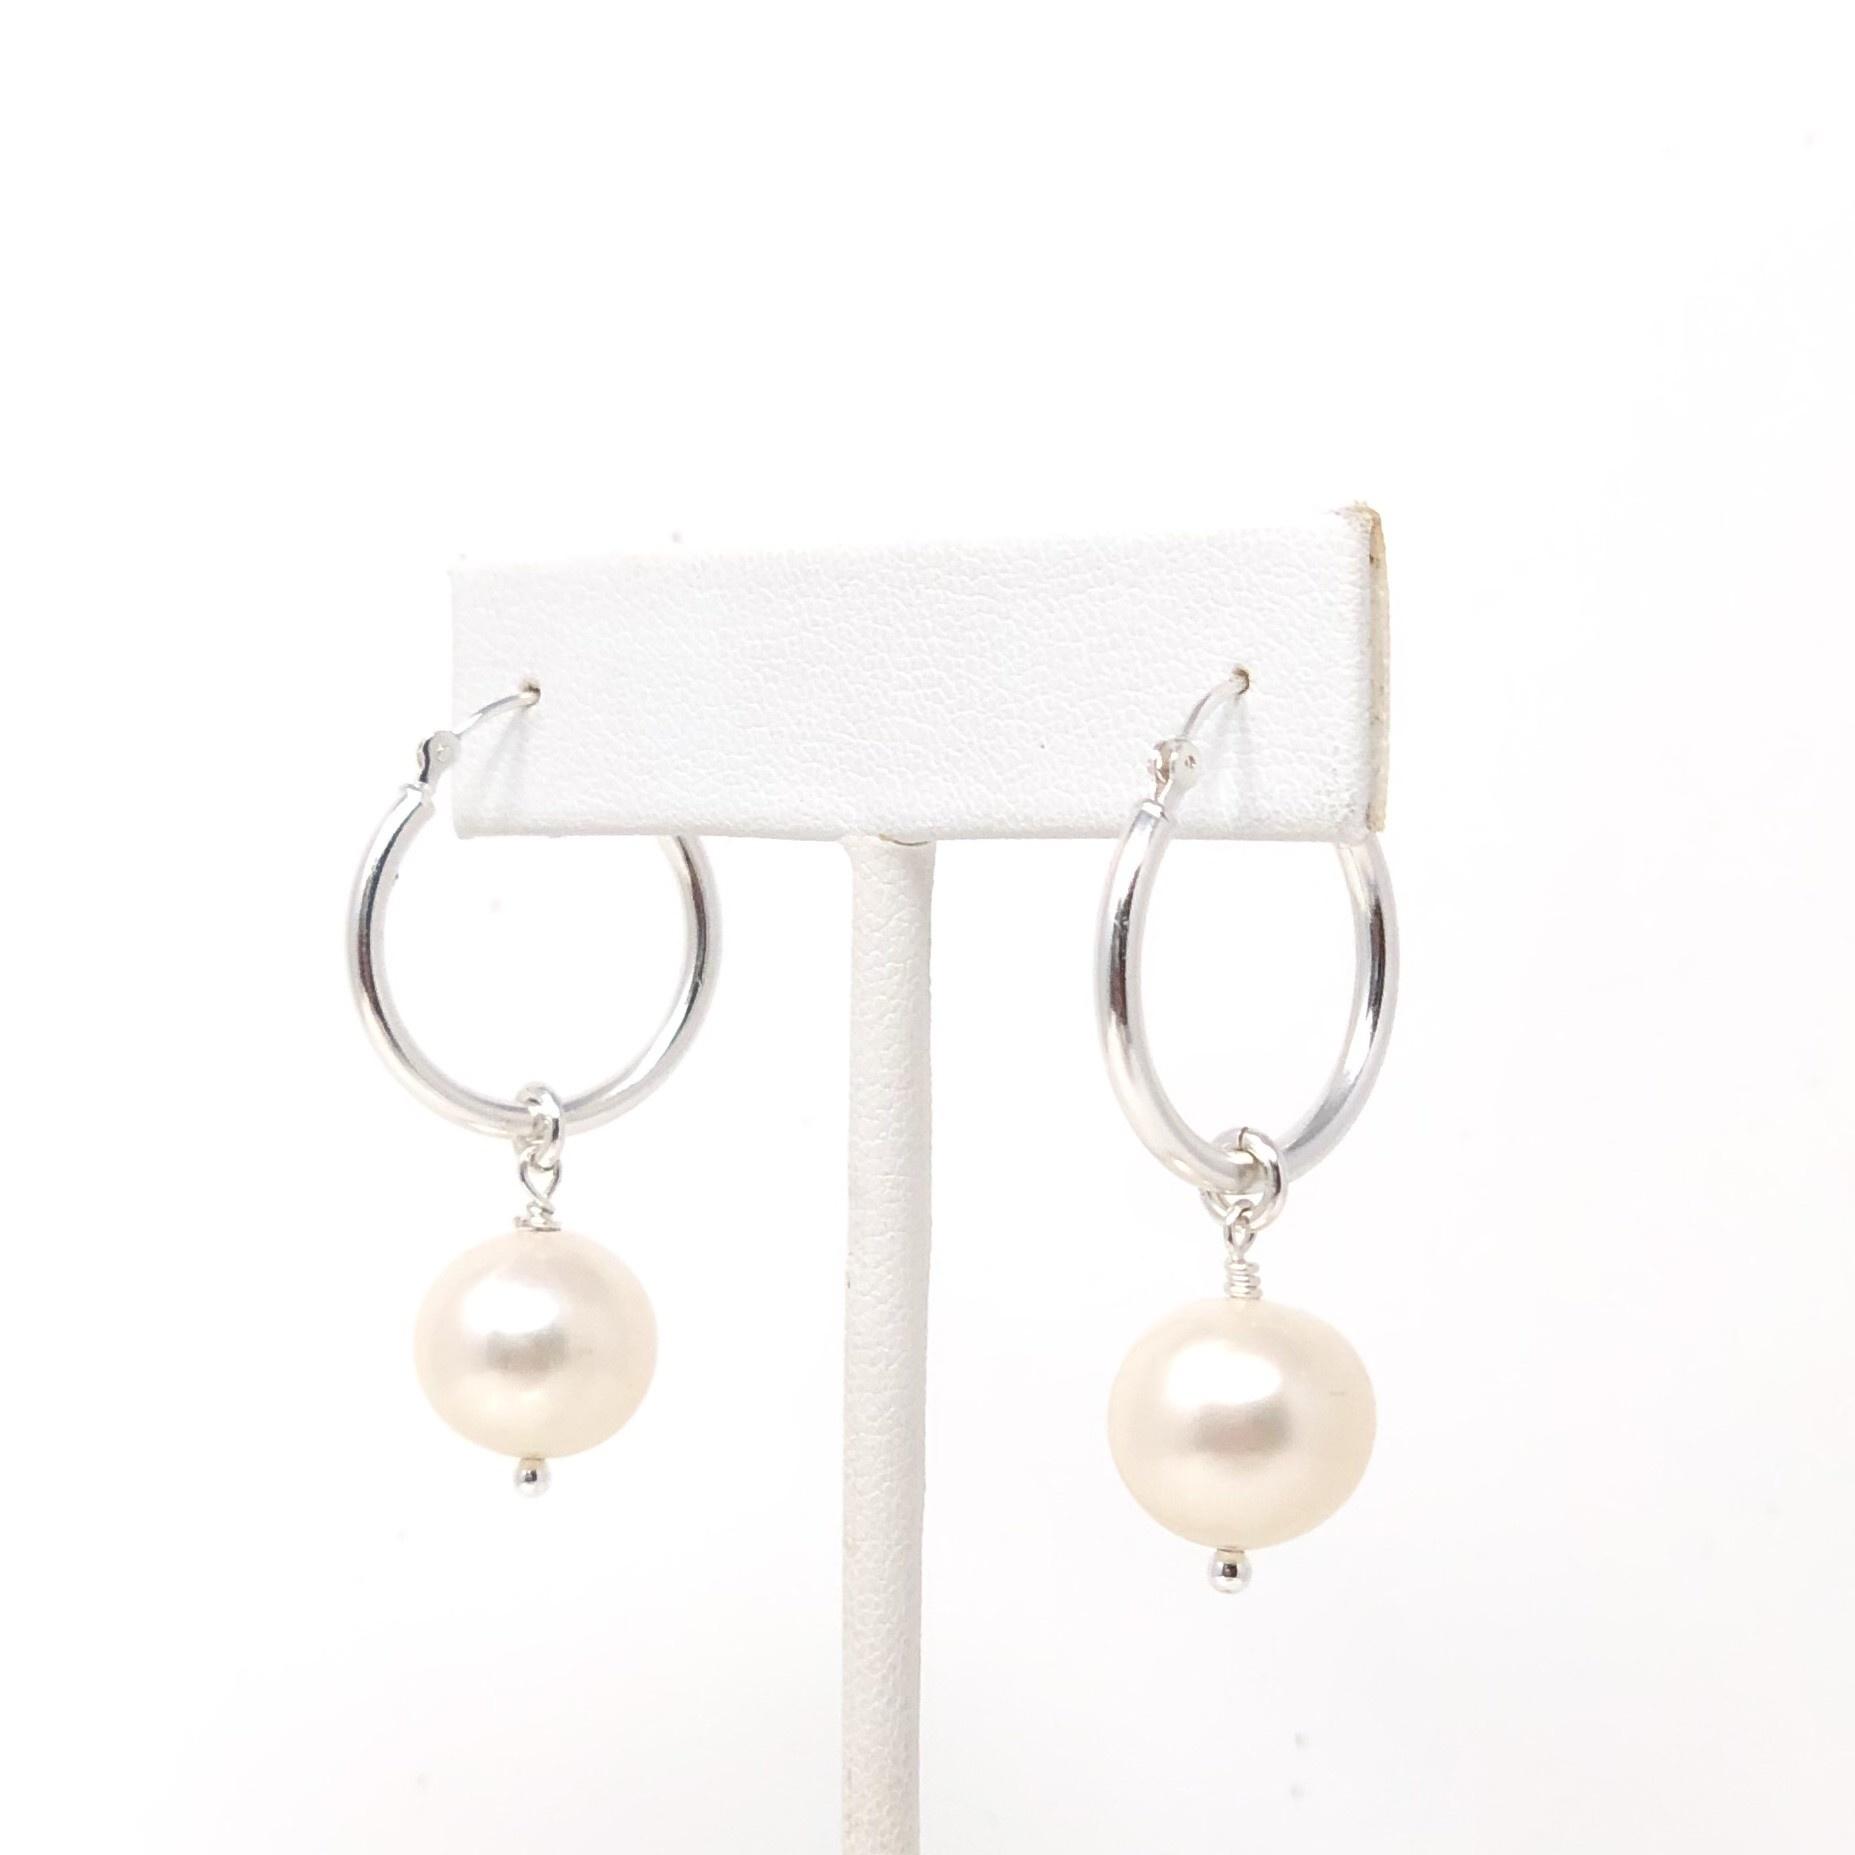 FWP Sterling Hoop Earrings